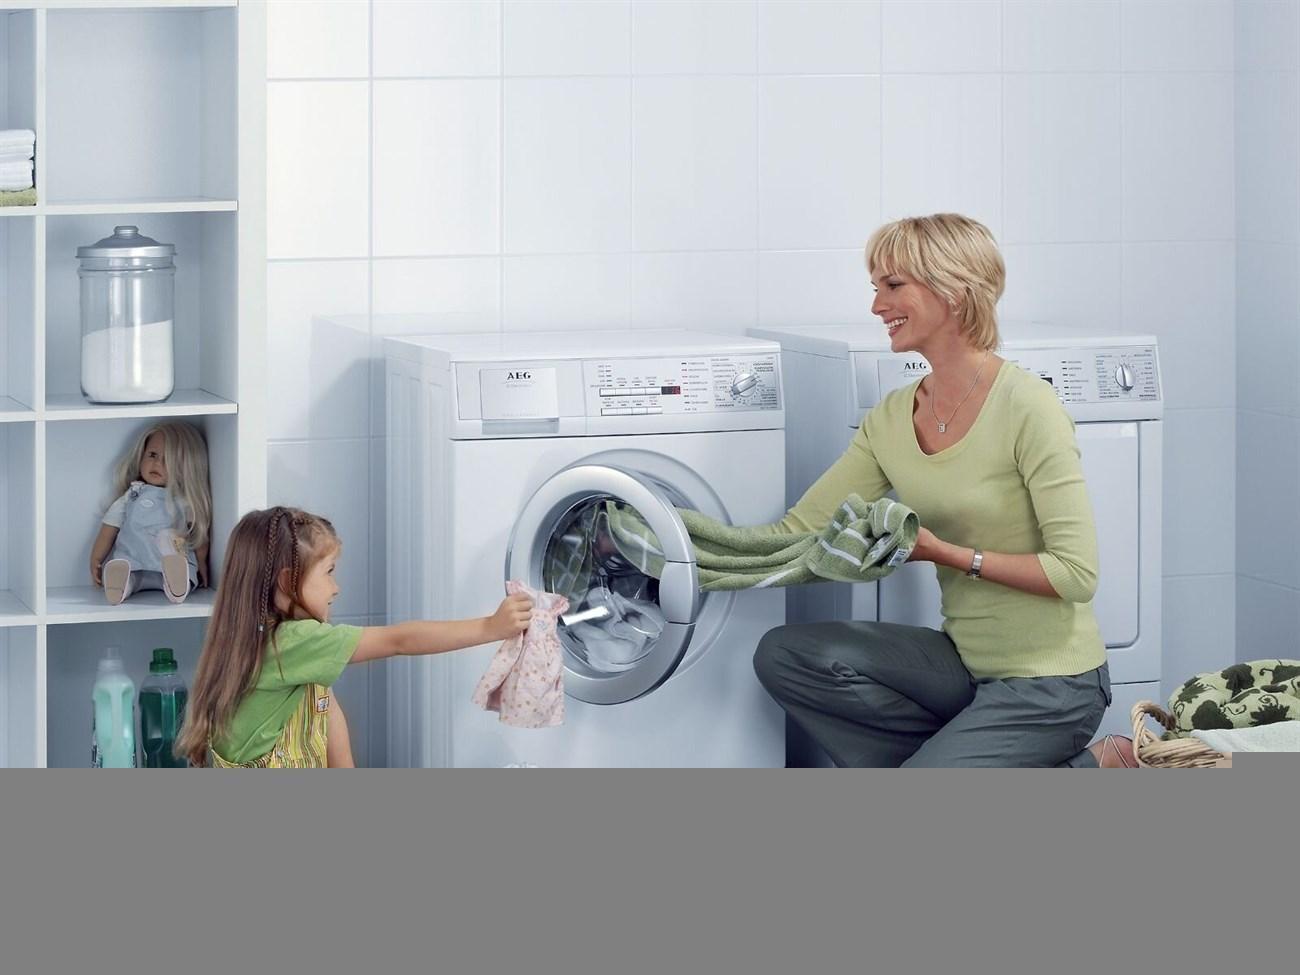 Dụng cụ cần chuẩn bị vệ sinh máy sấy quần áo